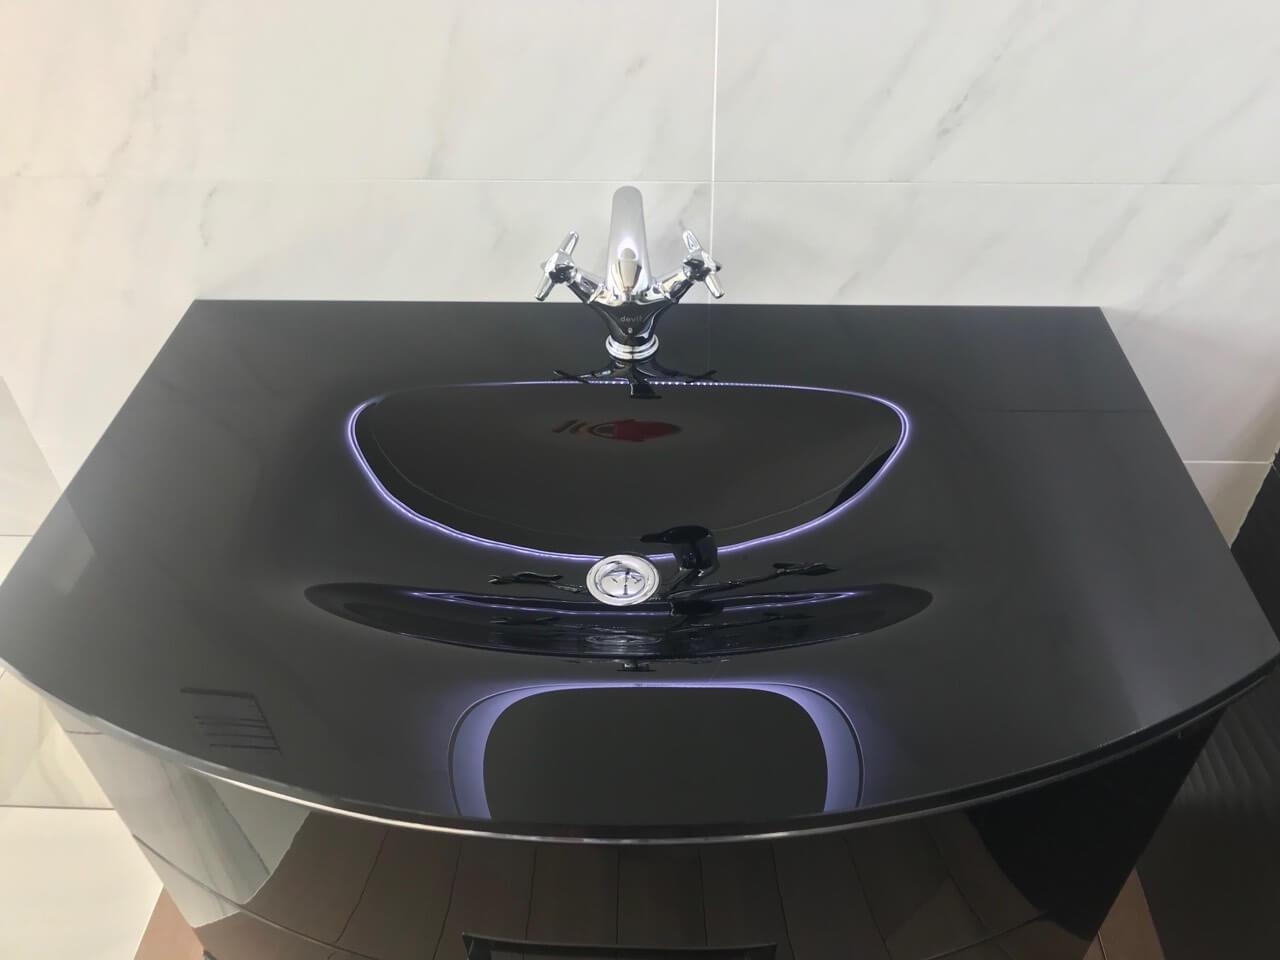 Комплект мебели для ванной комнаты в классическом стиле SABRINE (Сабрина) Marsan (Марсан), купить тумбу с LED зеркалом